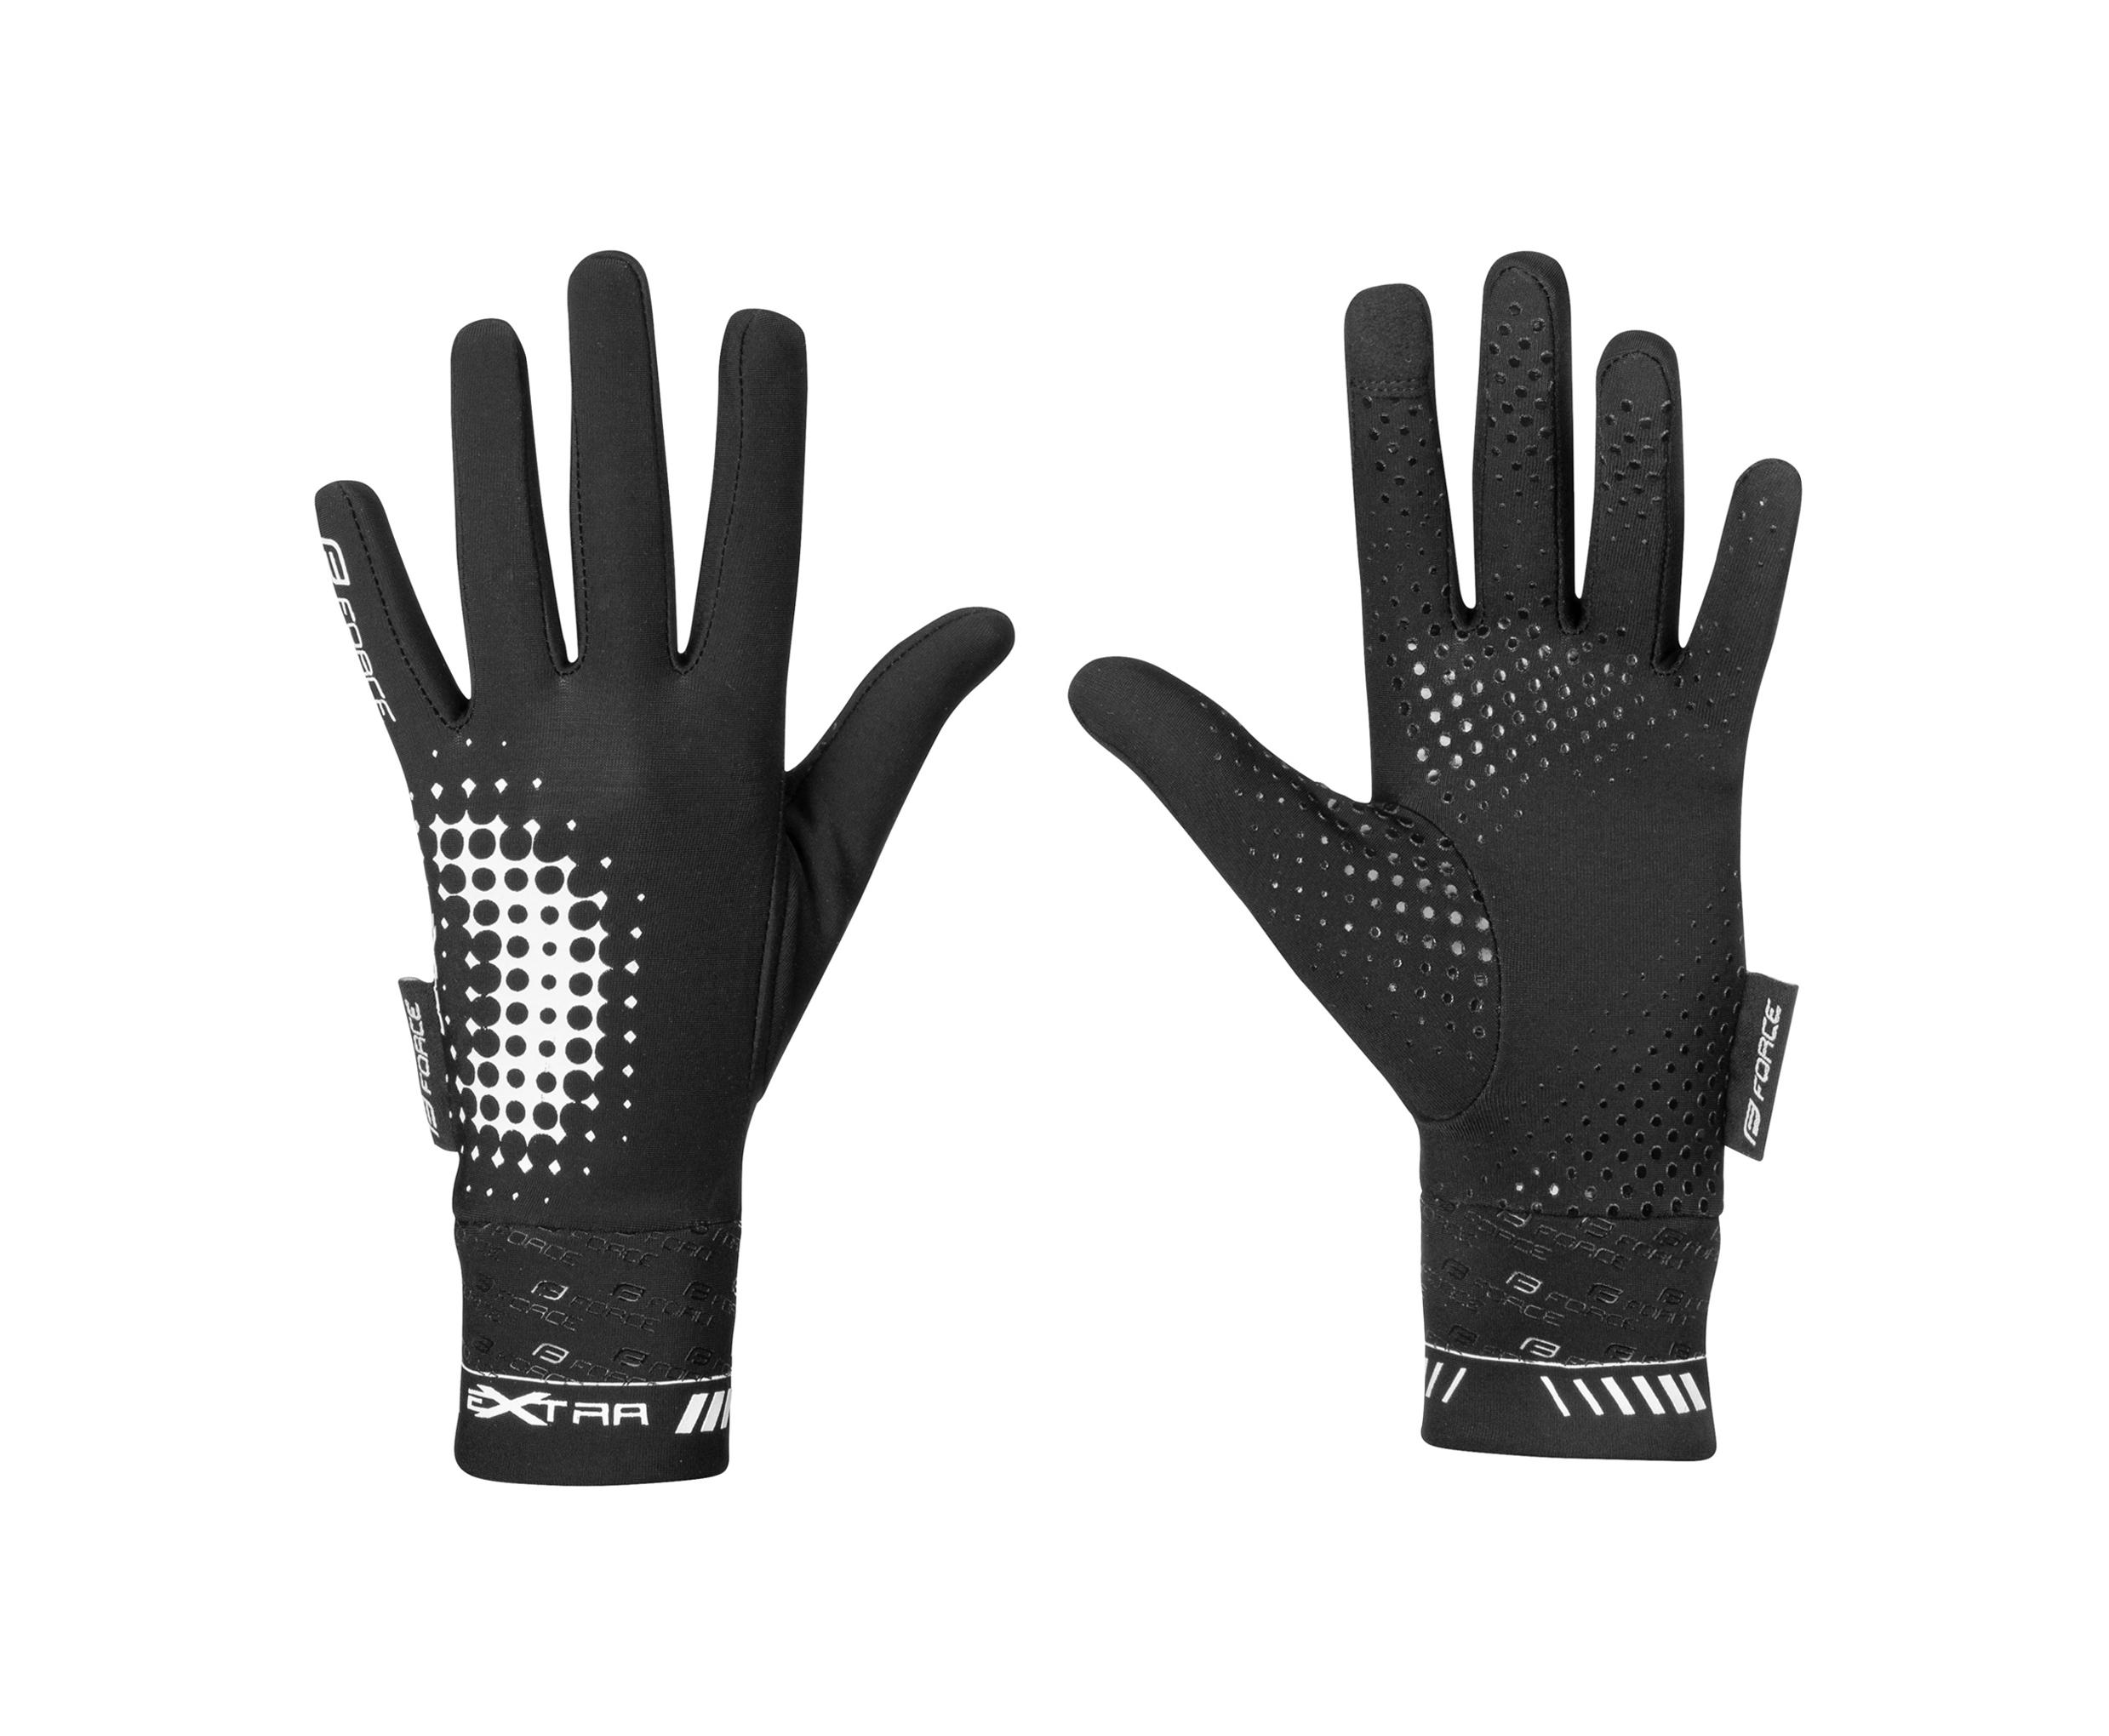 rukavice FORCE KID dětské EXTRA, jaro-podzim, černé M